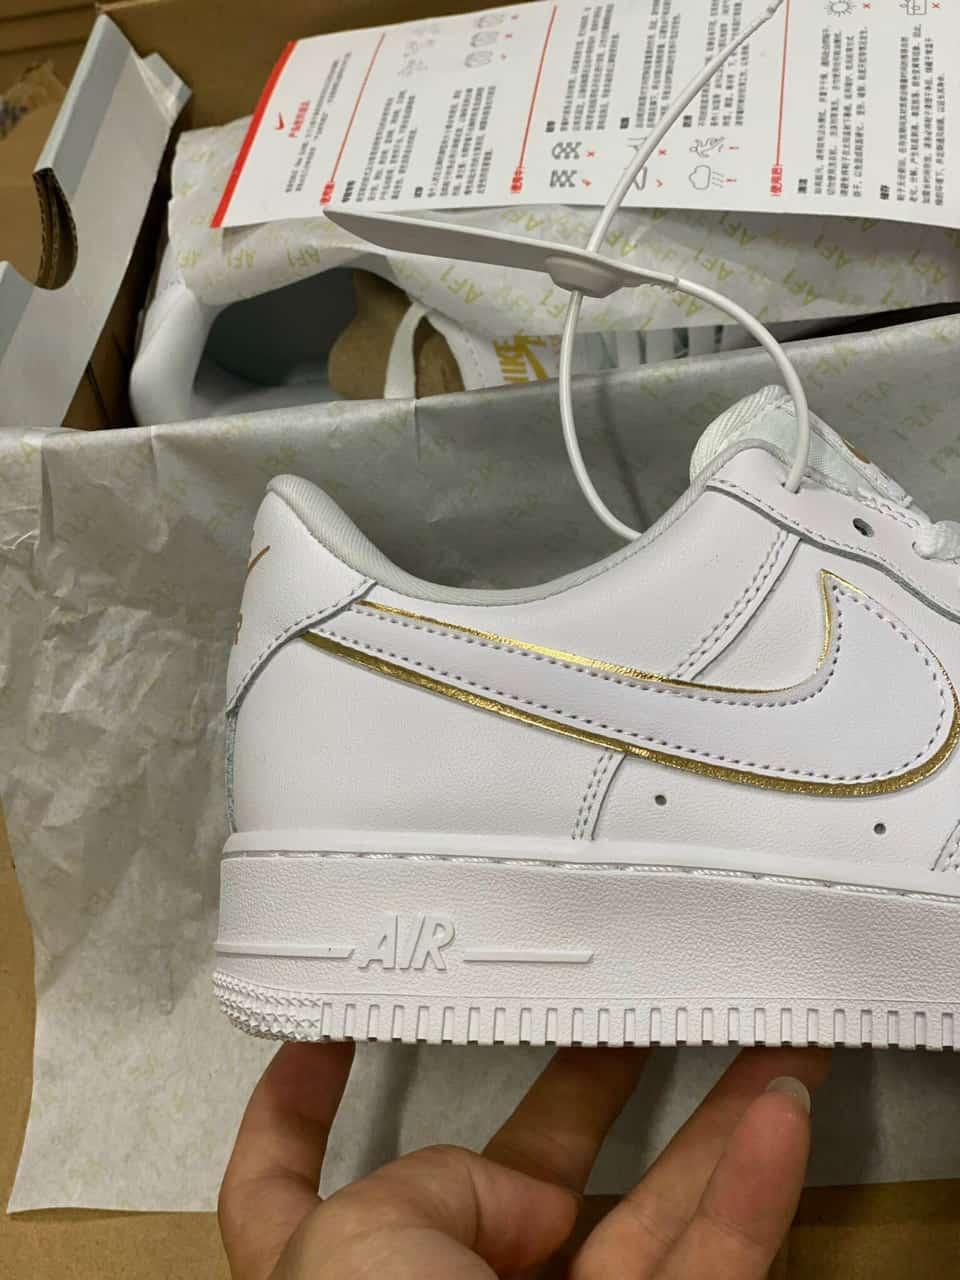 Đôi Bata Nike Air Force 1 Viền Vàng replica là siêu phẩm thời thượng